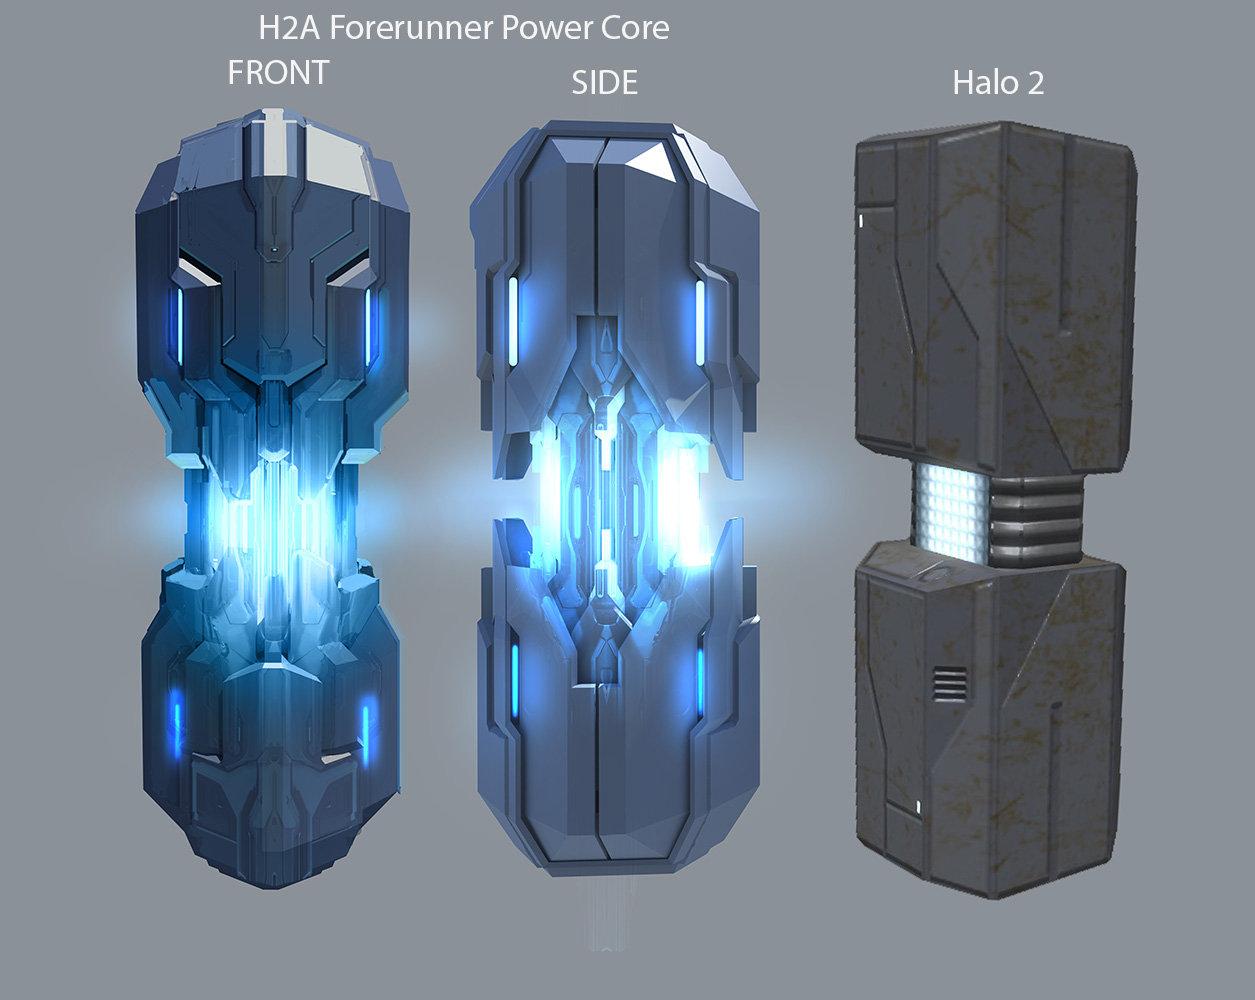 Halo 2 Anniversary Forerunner Power Core